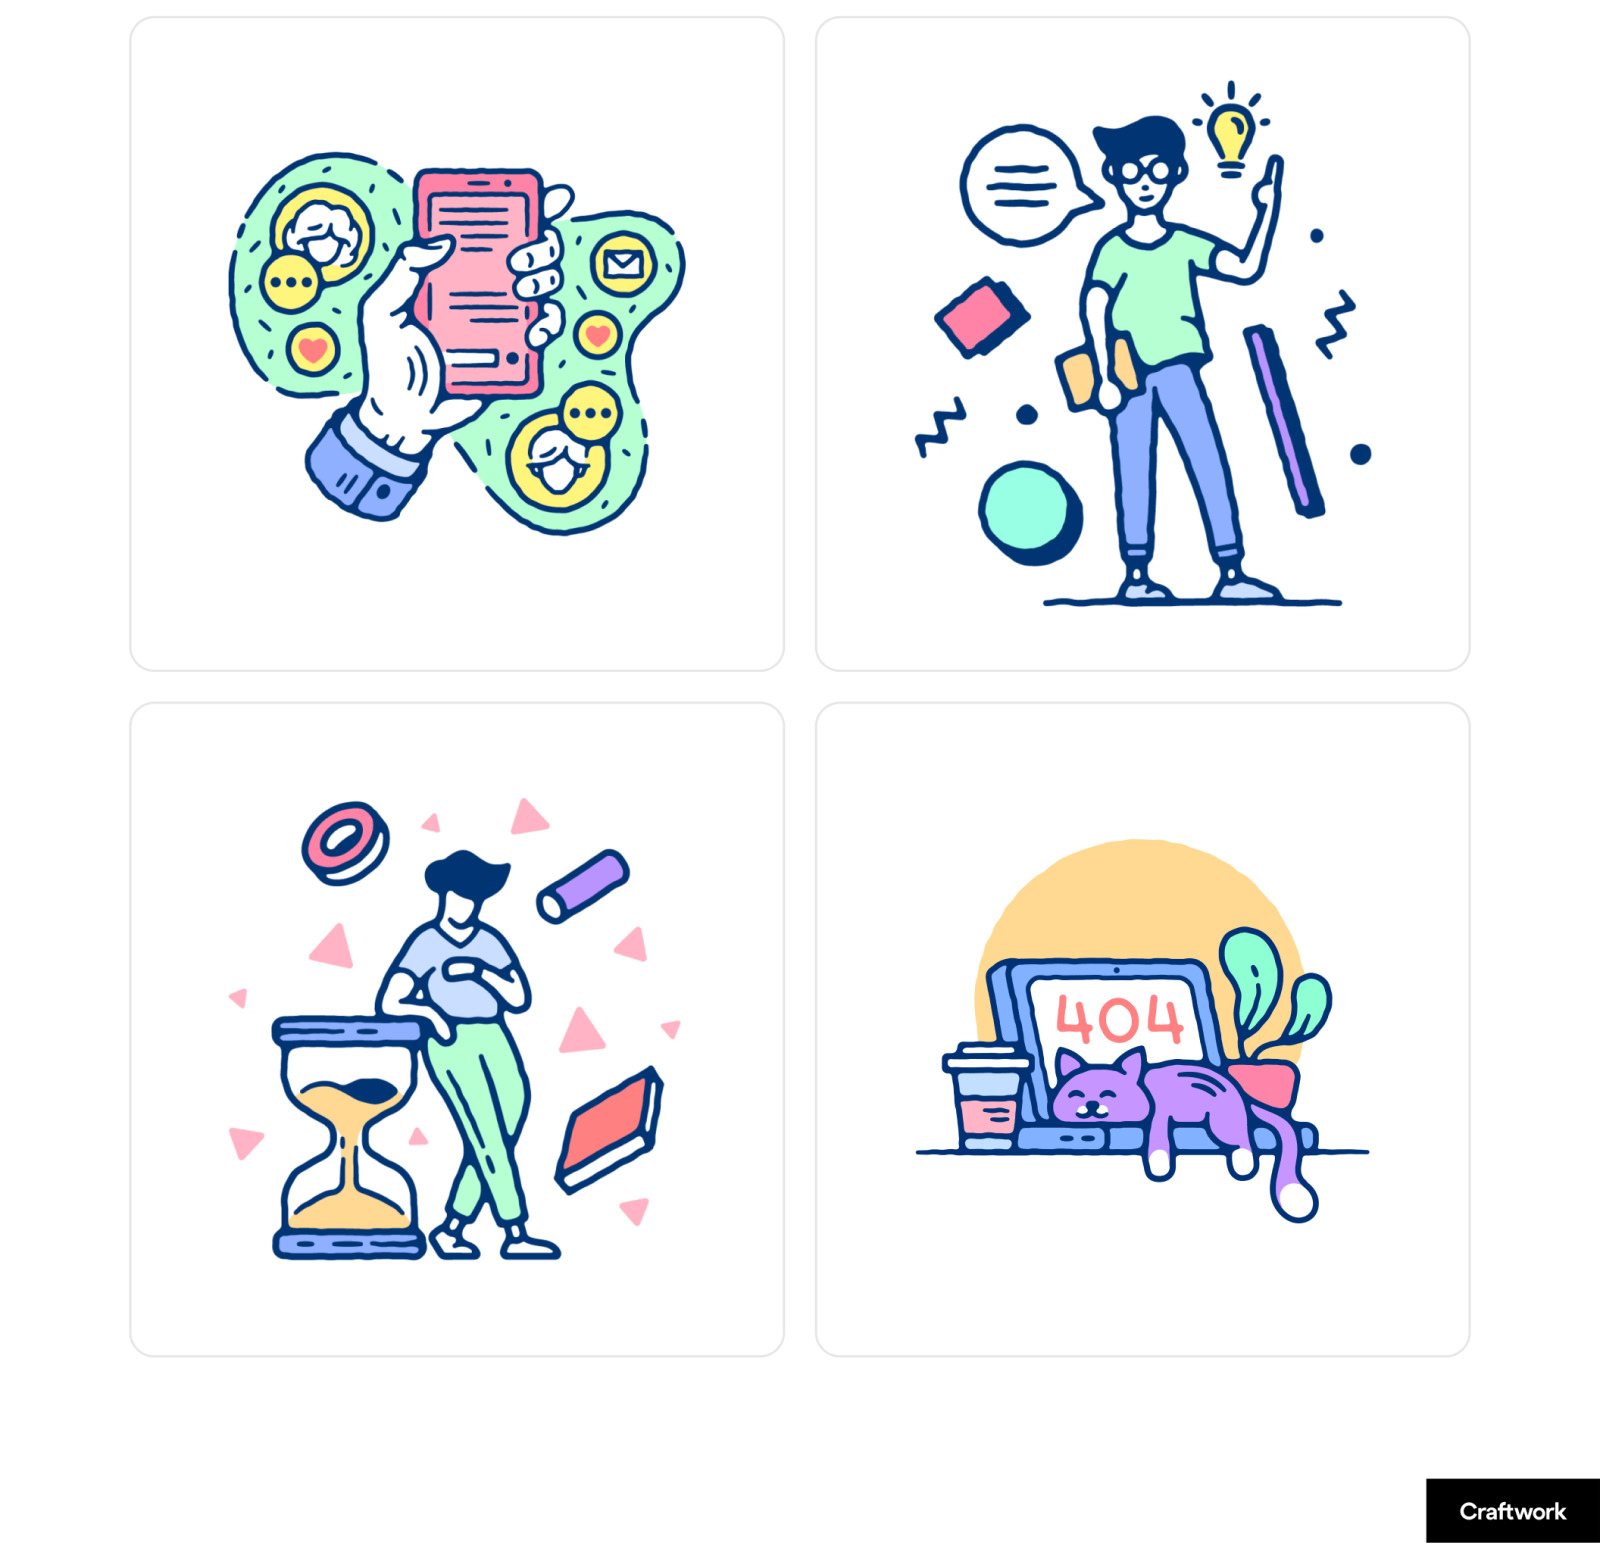 Thursday Illustrations